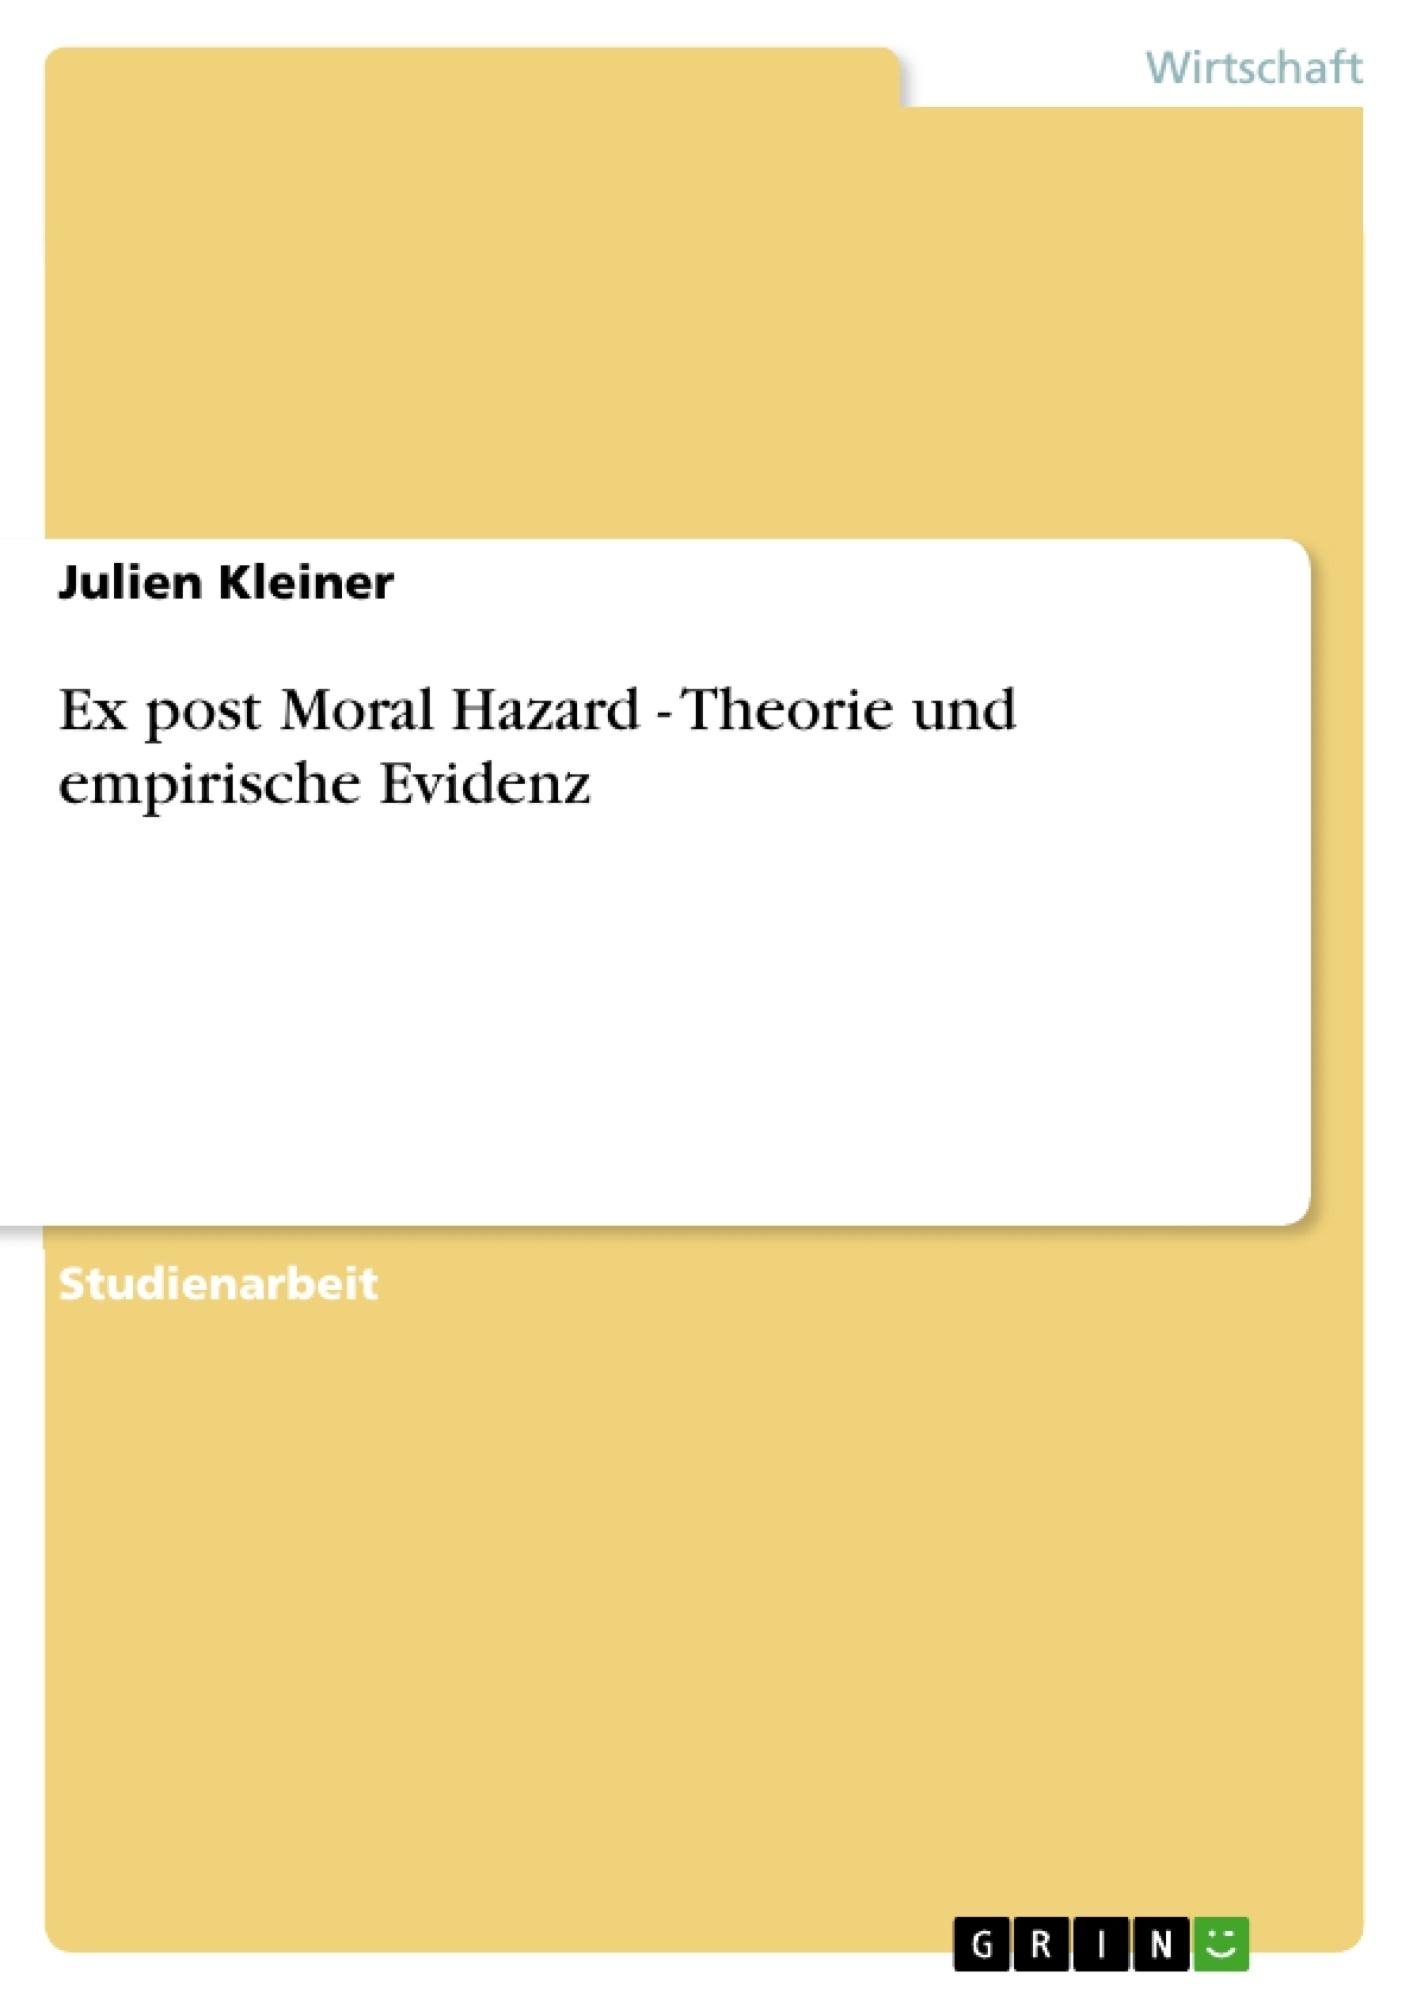 Titel: Ex post Moral Hazard - Theorie und empirische Evidenz